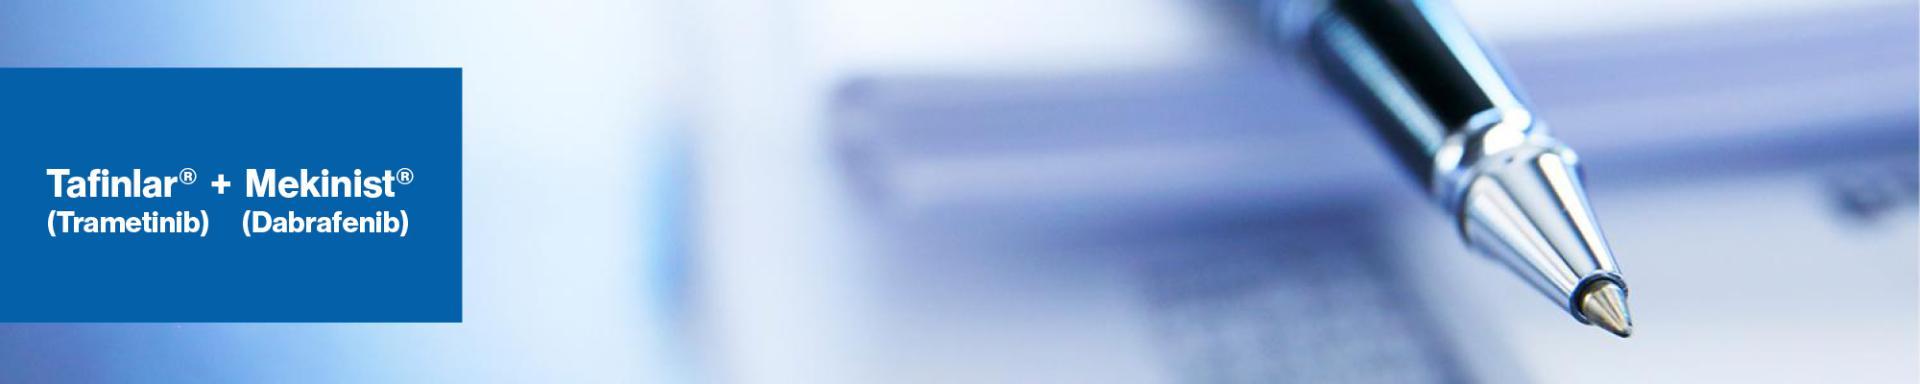 tafinlar&mekinist slim top banner